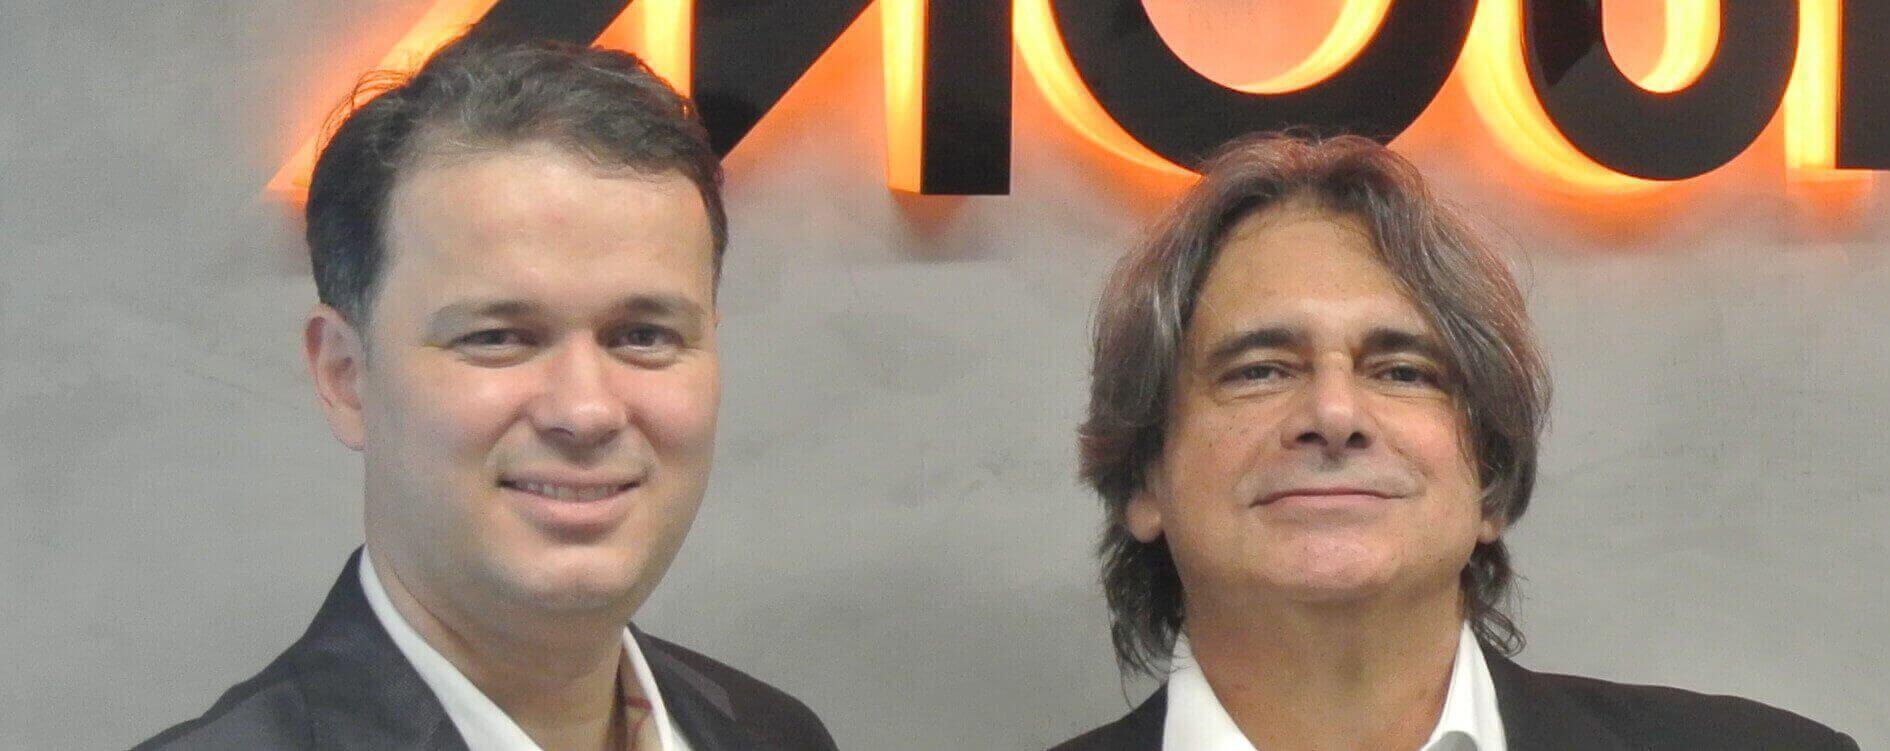 Moura apresenta primeiro sistema de armazenamento de energia desenvolvido no Brasil